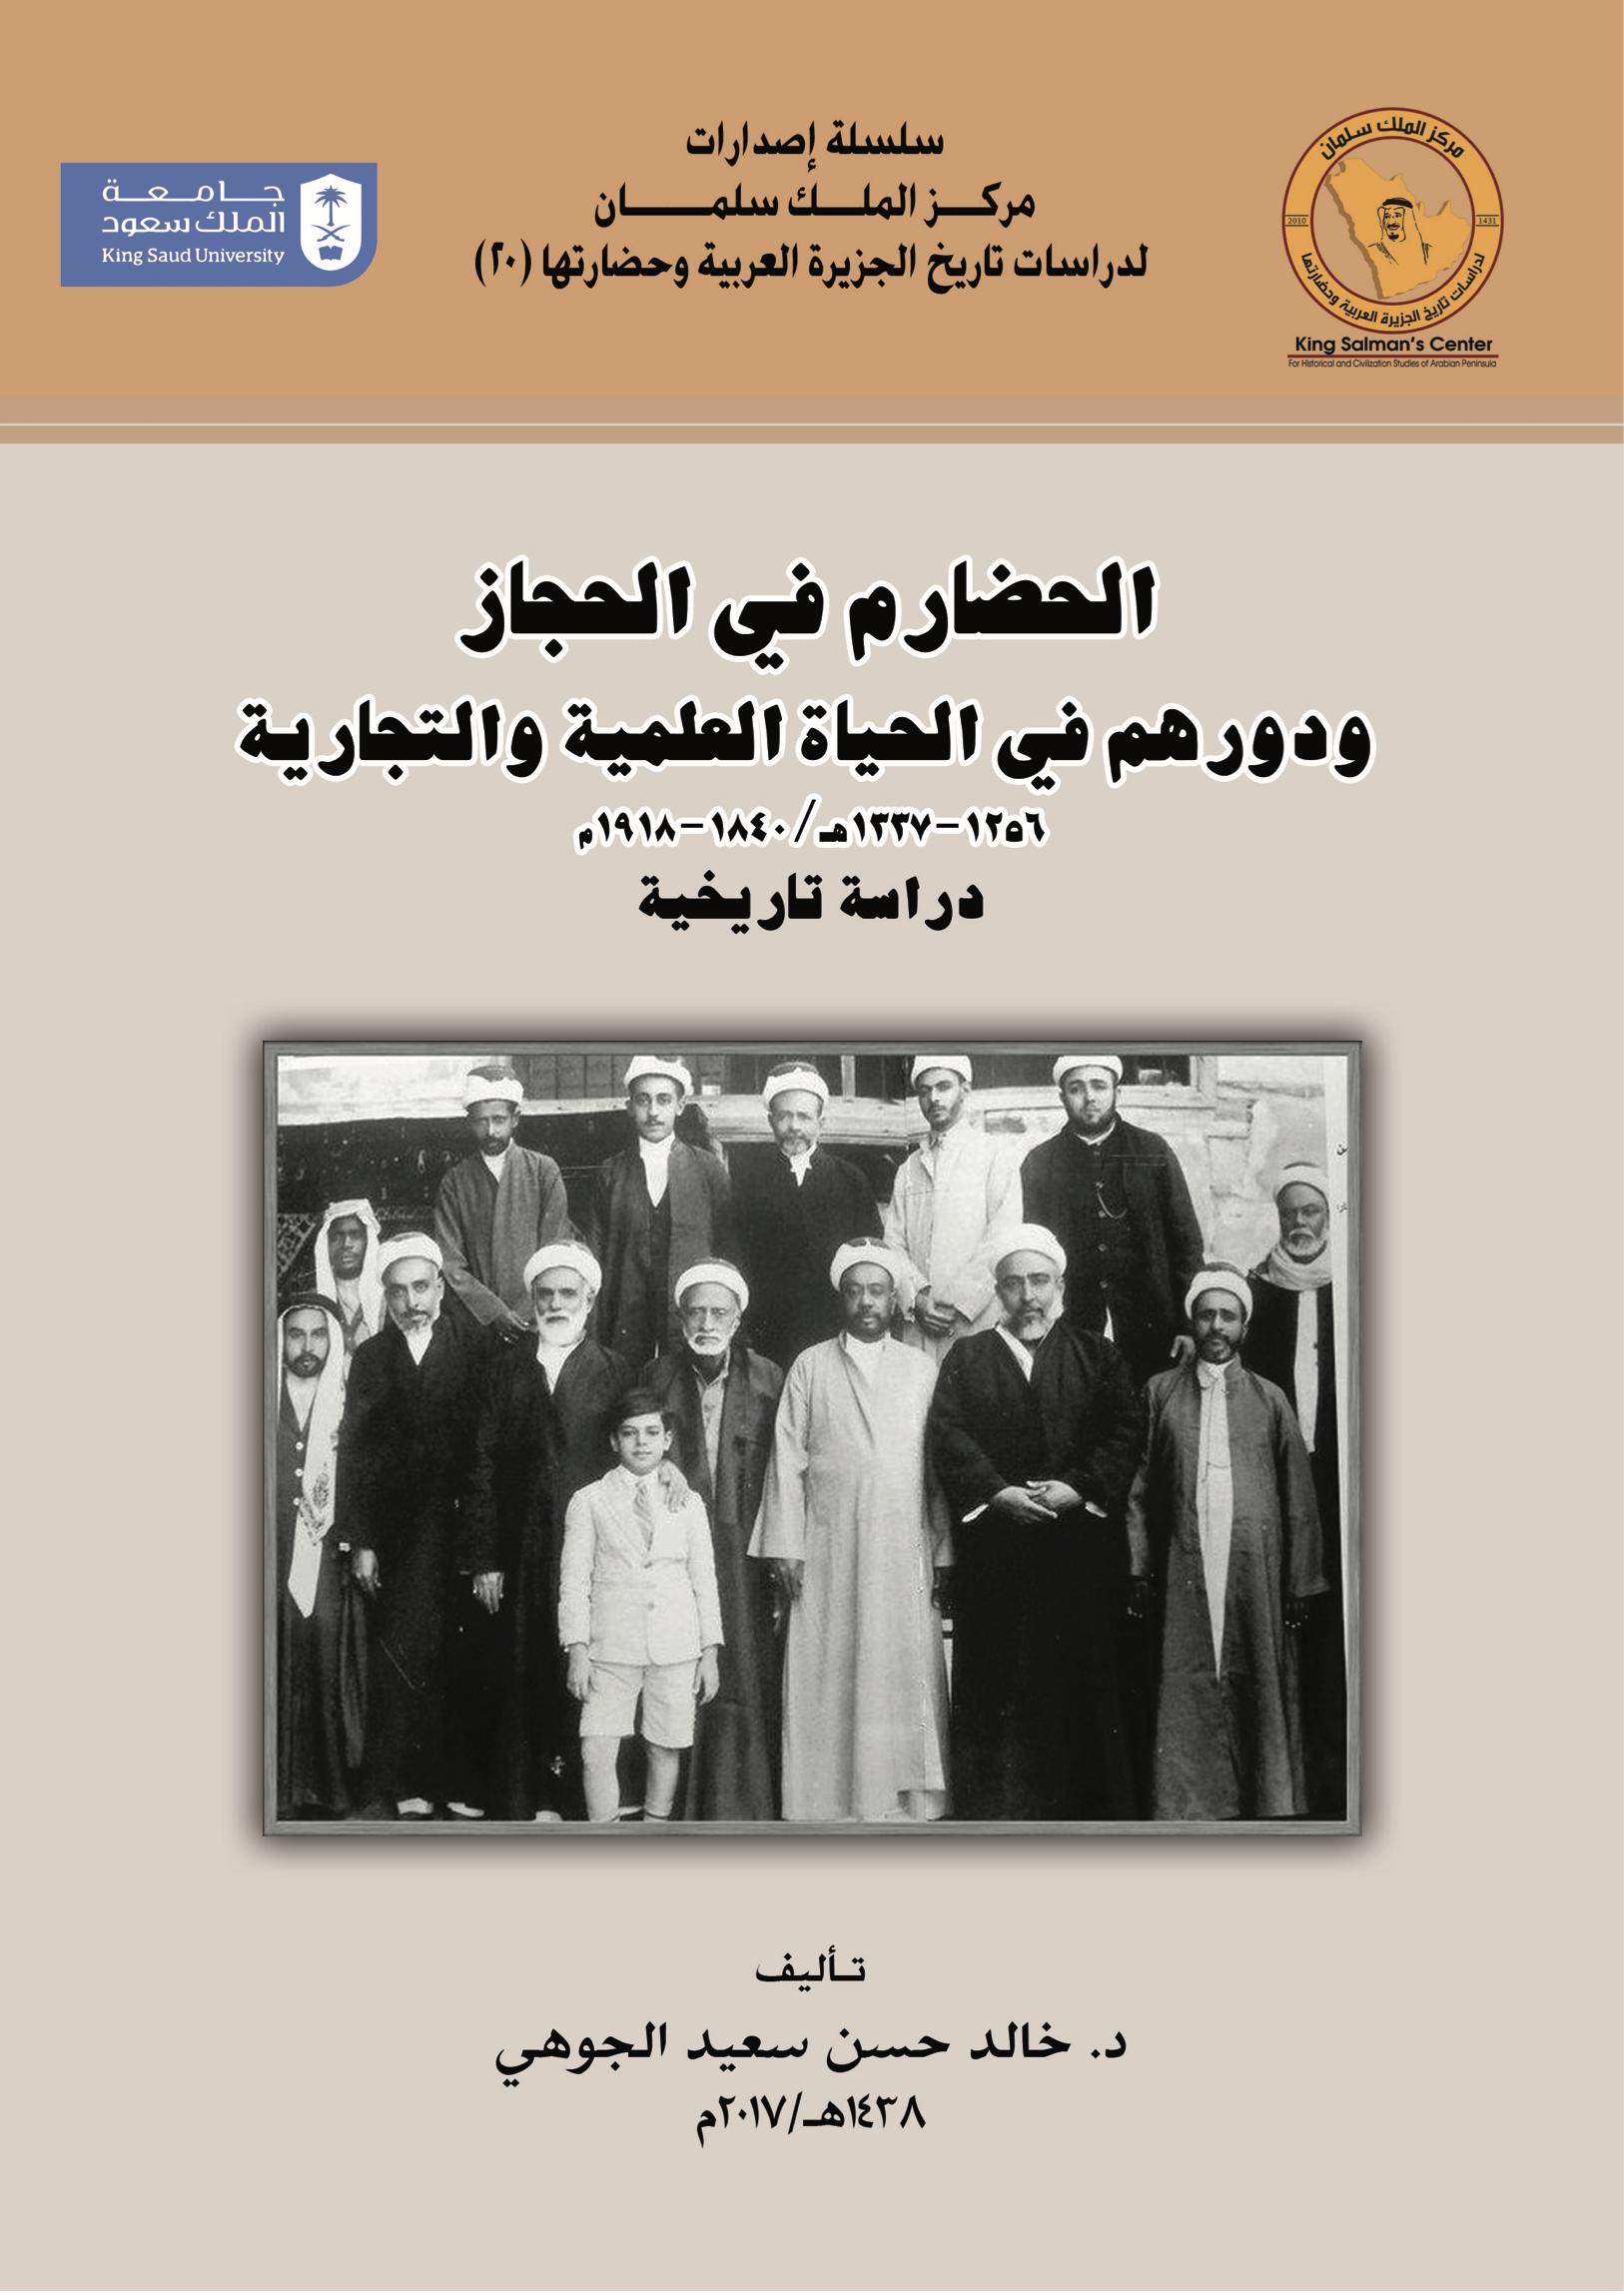 كتاب الحضارم في الحجاز أحدث إصدارت مركز الملك سلمان لدراسات تاريخ الجزيرة العربية وحضارتها